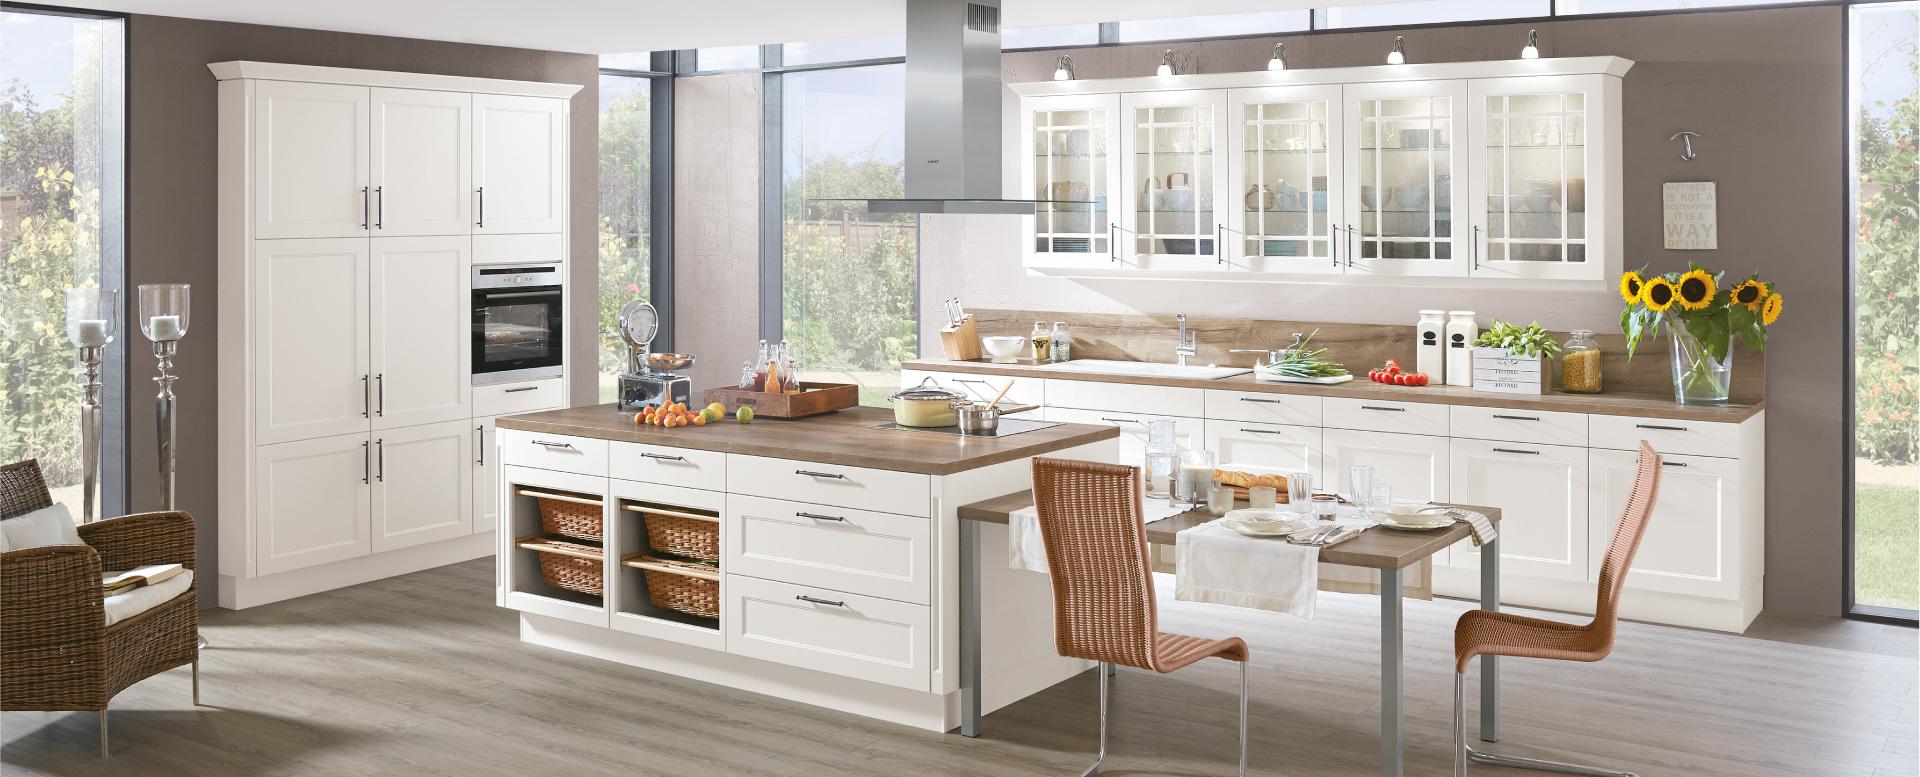 Küchen - Image de présentation